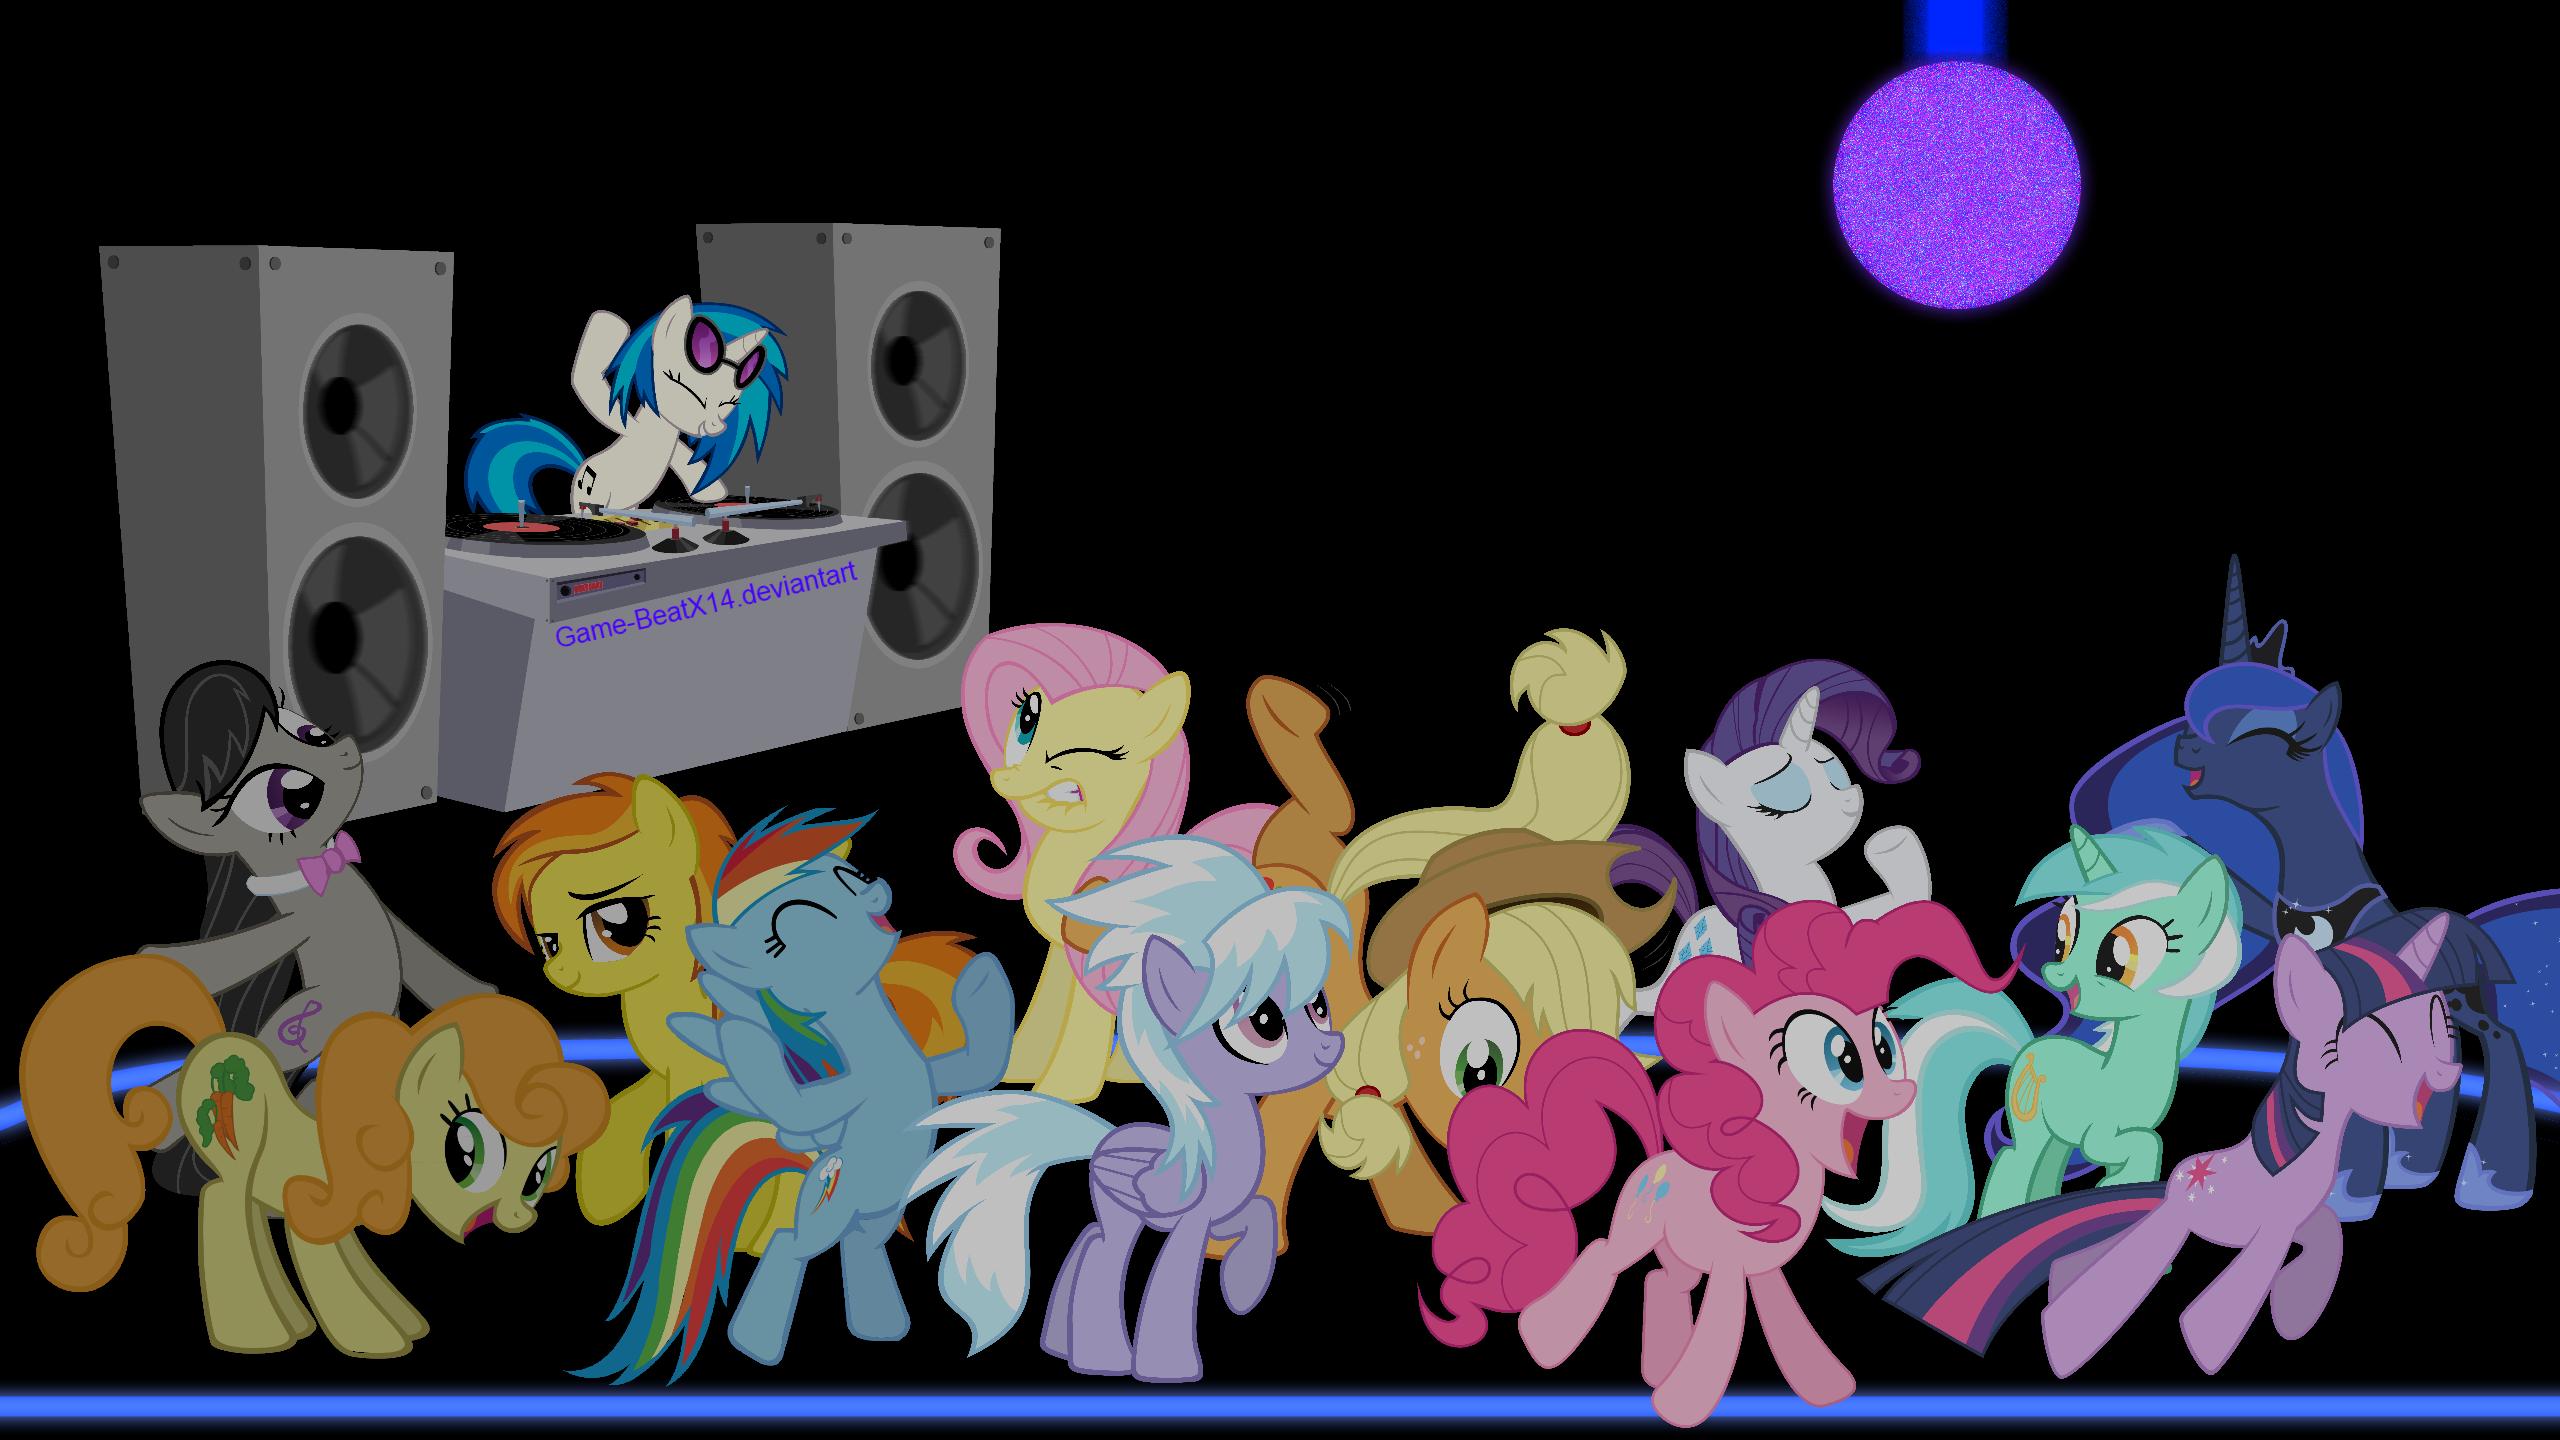 MLP FIM Wallpaper: Ponies on the Dance Floor by 3luk, AlexSvar, BiodegradableBox, BlackGryph0n, Blackm3sh, Game-BeatX14, HornFlakes, M99moron, MaximillianVeers, NightmareMoonS, NinjamissenDk, sircinnamon and StarshineCelestalis